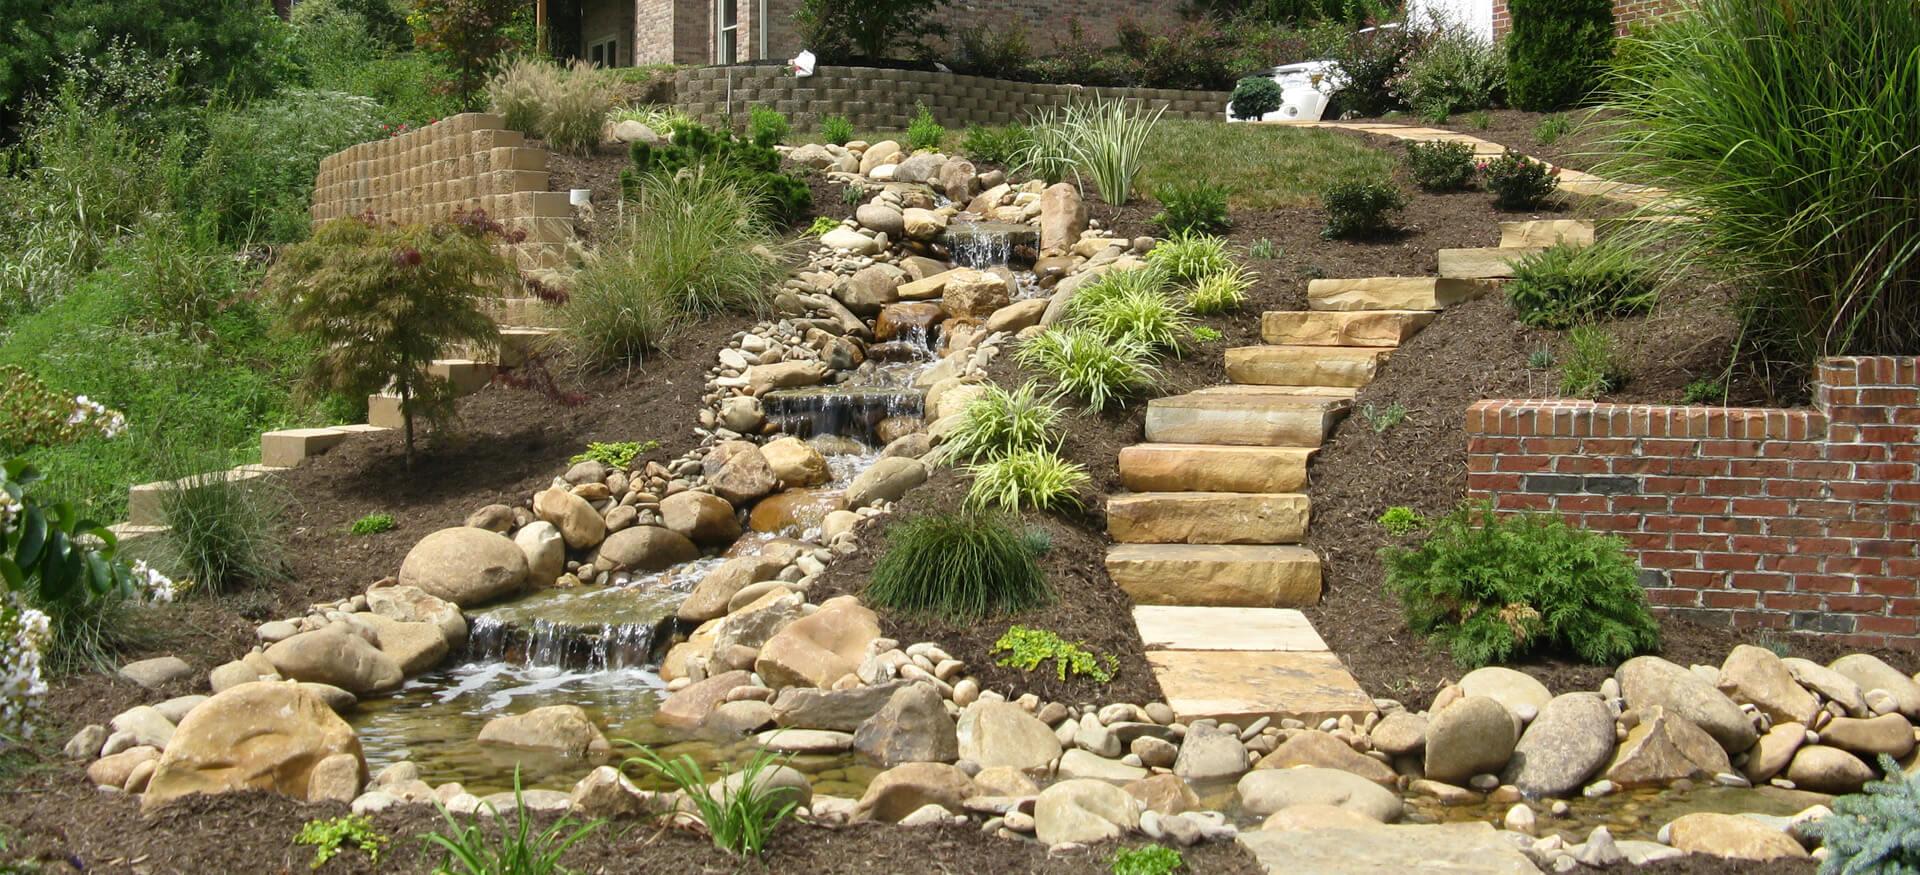 Pond Repair Near Me | Fish Pond Repair | Koi Pond Repair Knoxville TN